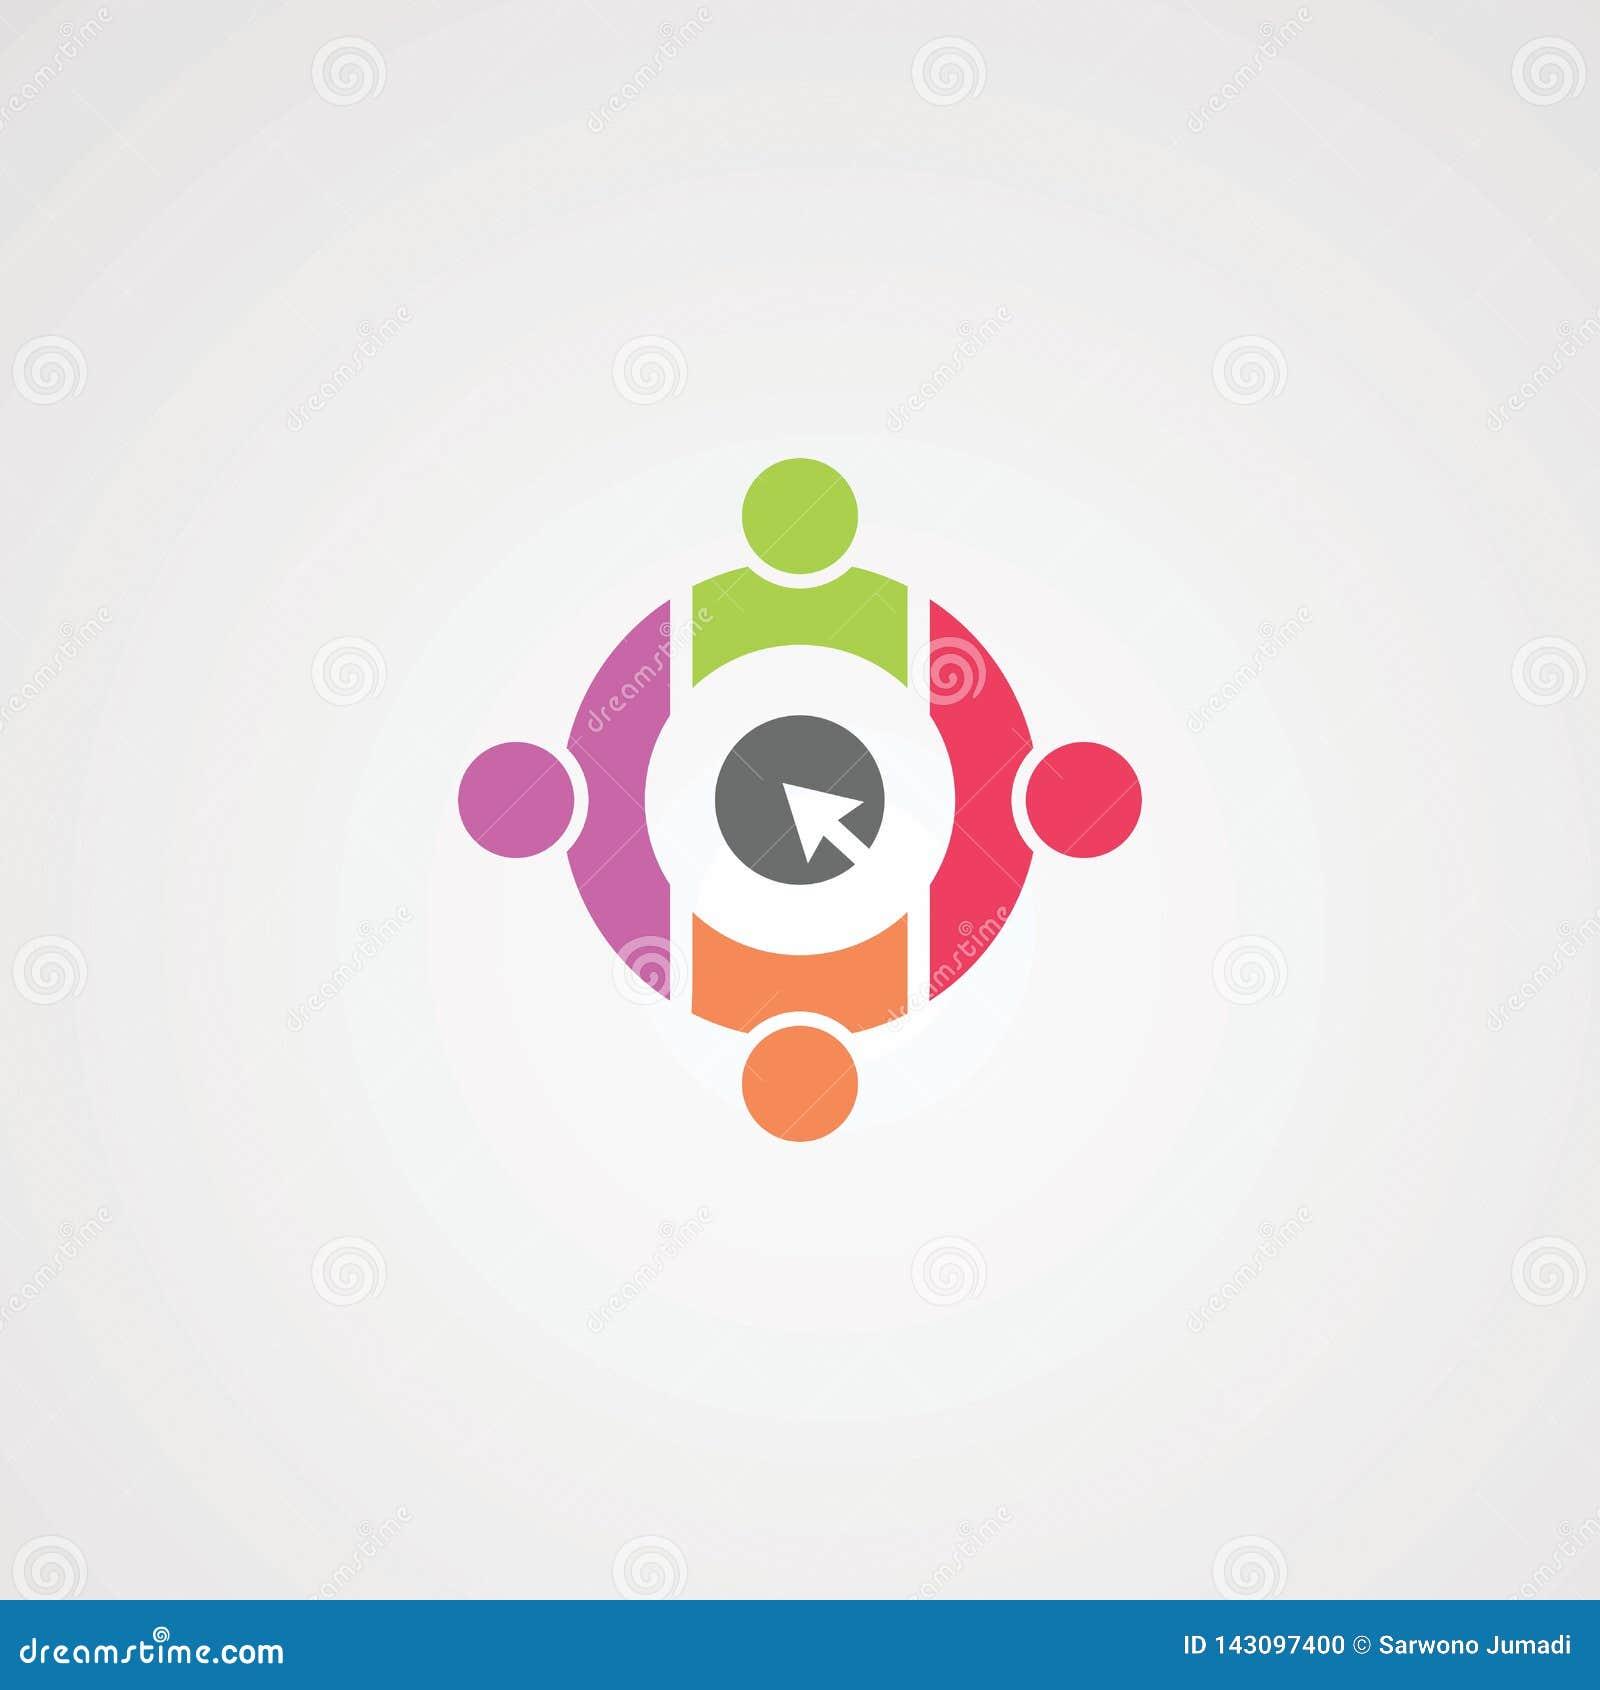 Социальный щелчок с вектором, значком, элементом, и шаблоном логотипа круга fullcolor для компании